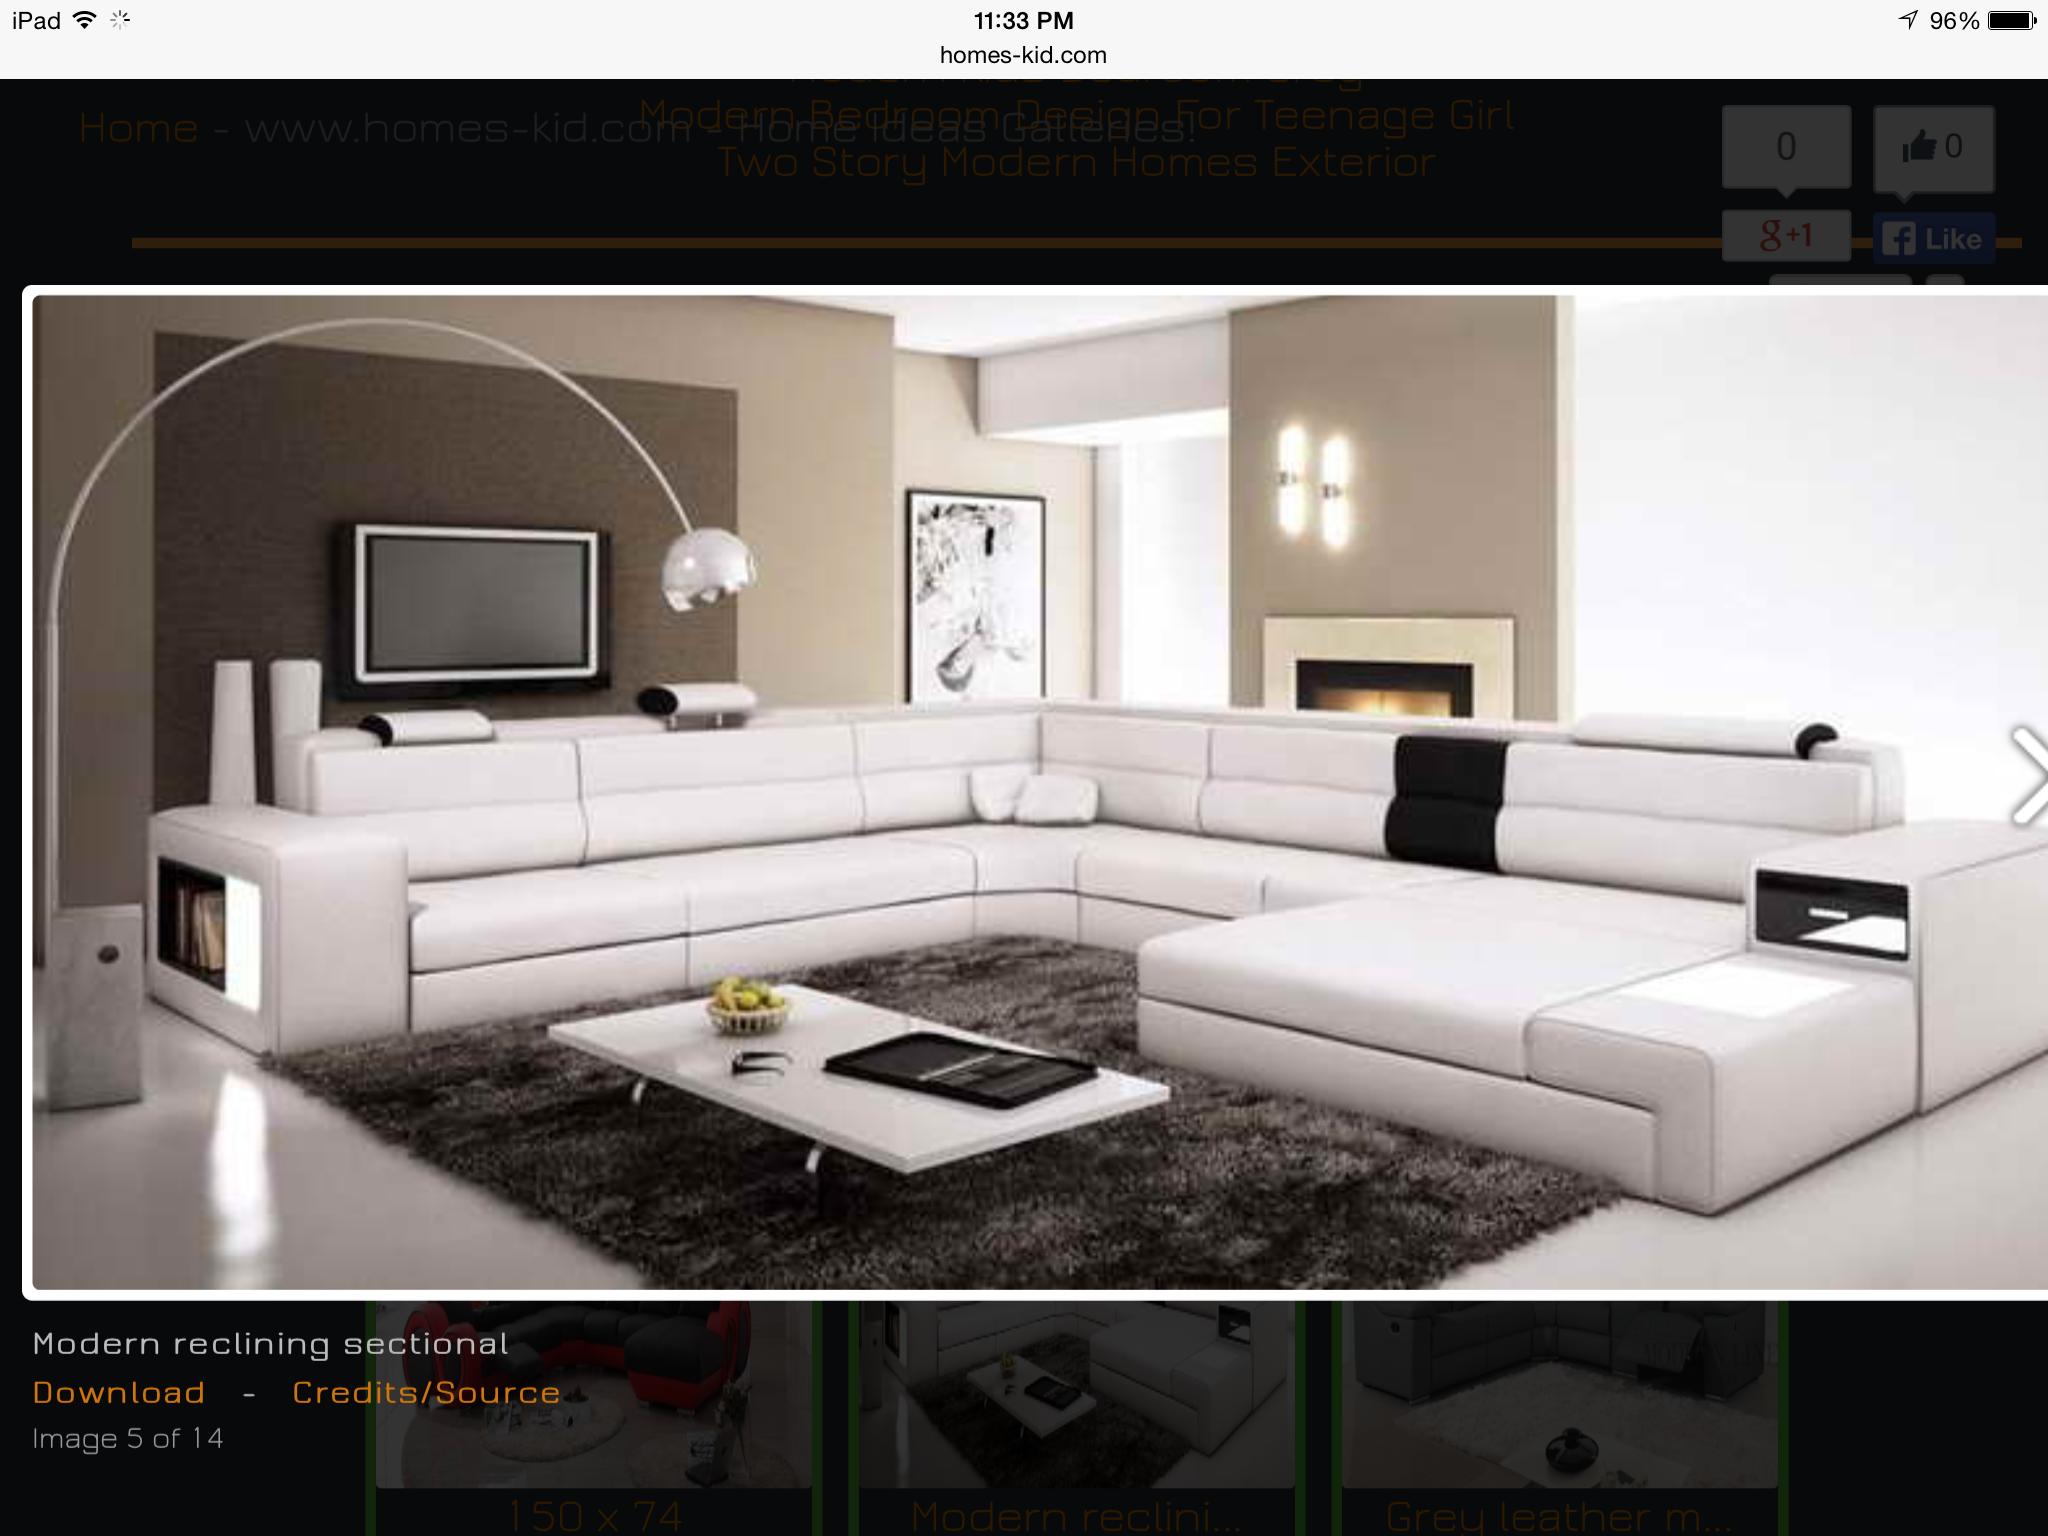 Top Ergebnis 50 Luxus Wohnzimmer Couchgarnitur Grafiken 2017 Hht5